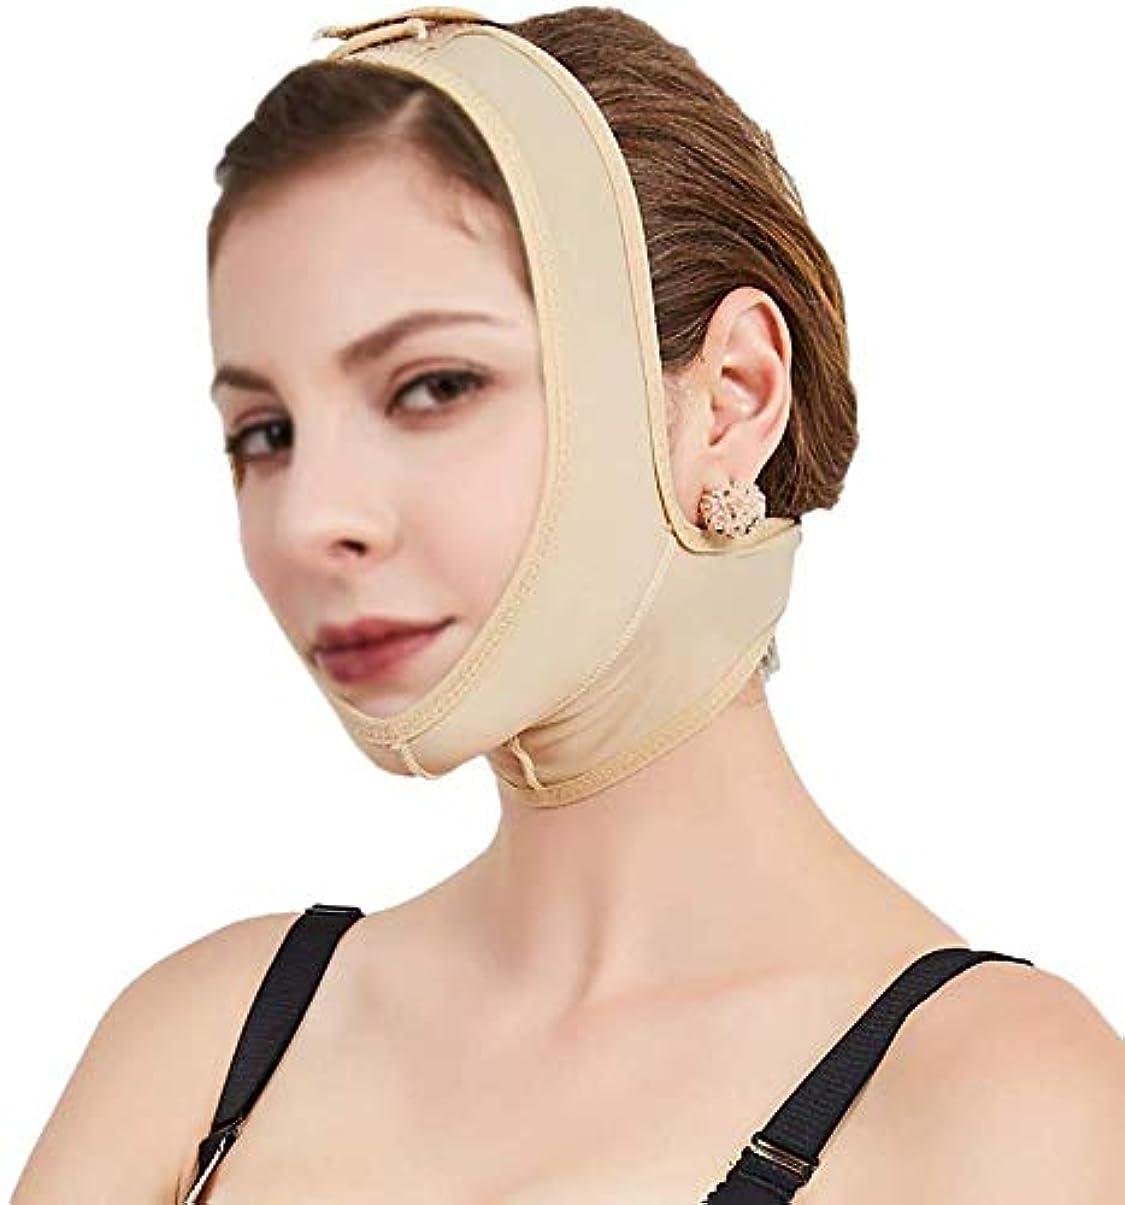 収益左人スリミングVフェイスマスク、顔と首リフト後弾性スリーブ下顎骨セット顔アーティファクトV顔顔面バンドルダブルあごマスク(サイズ:XXL)